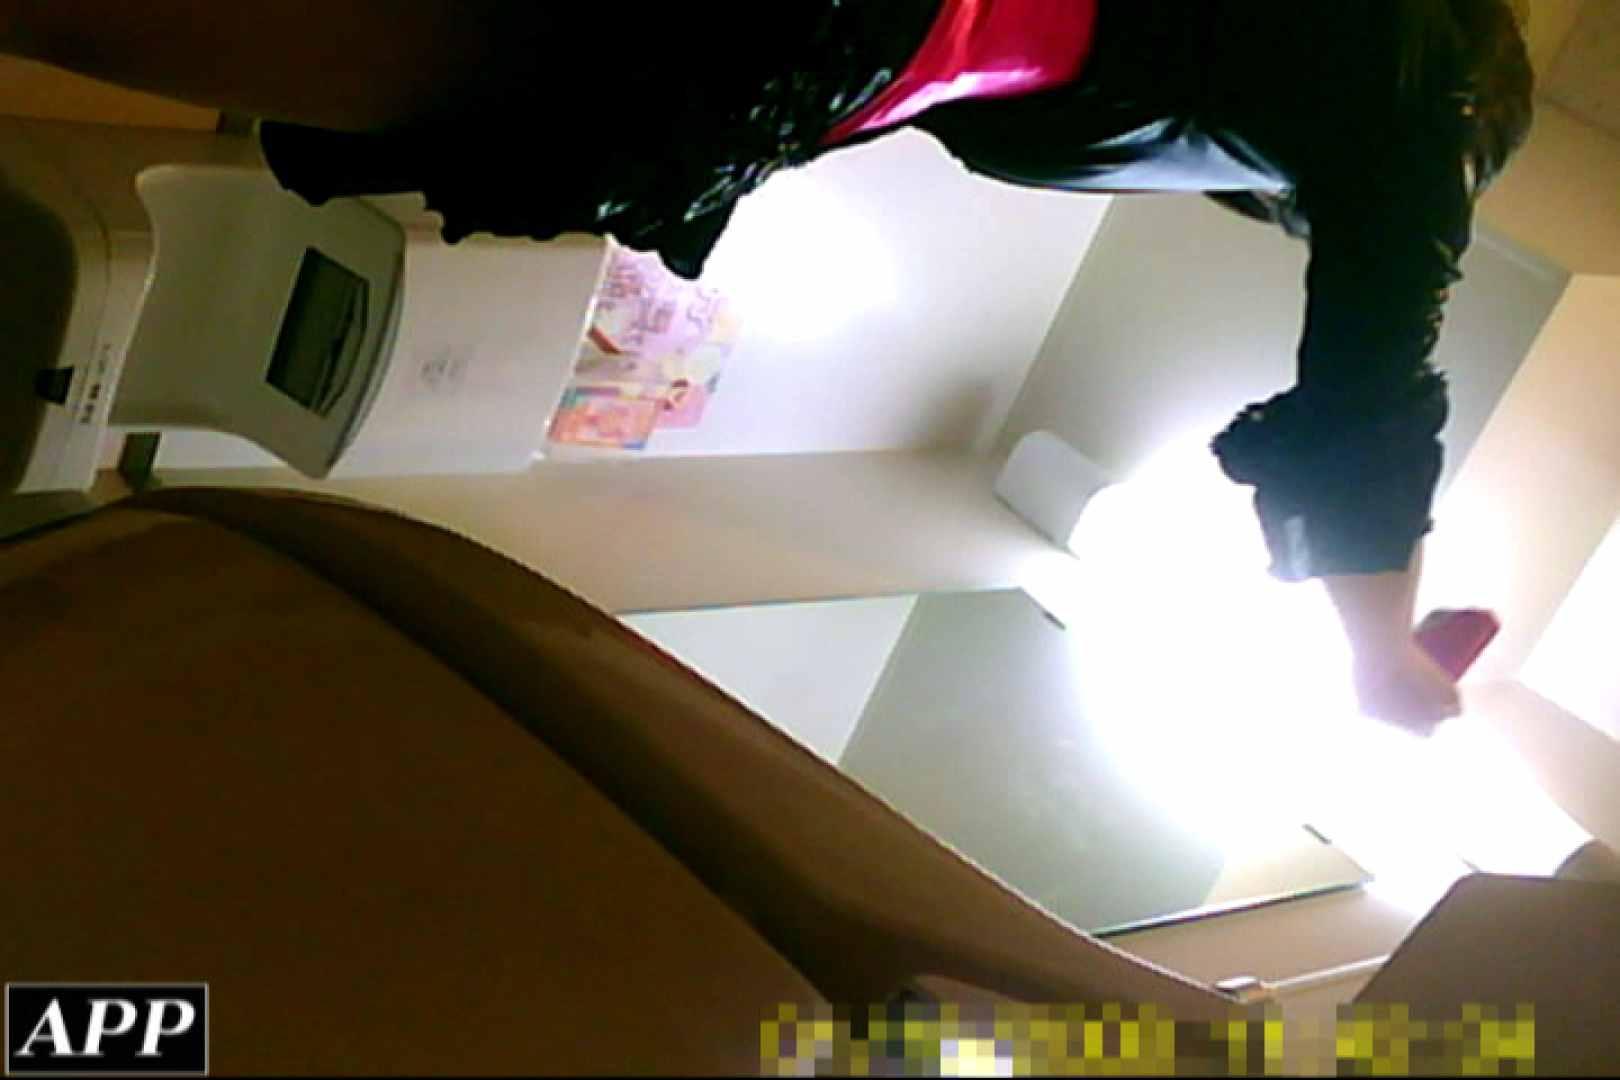 3視点洗面所 vol.19 肛門に入れて〜 隠し撮りオマンコ動画紹介 55pic 47